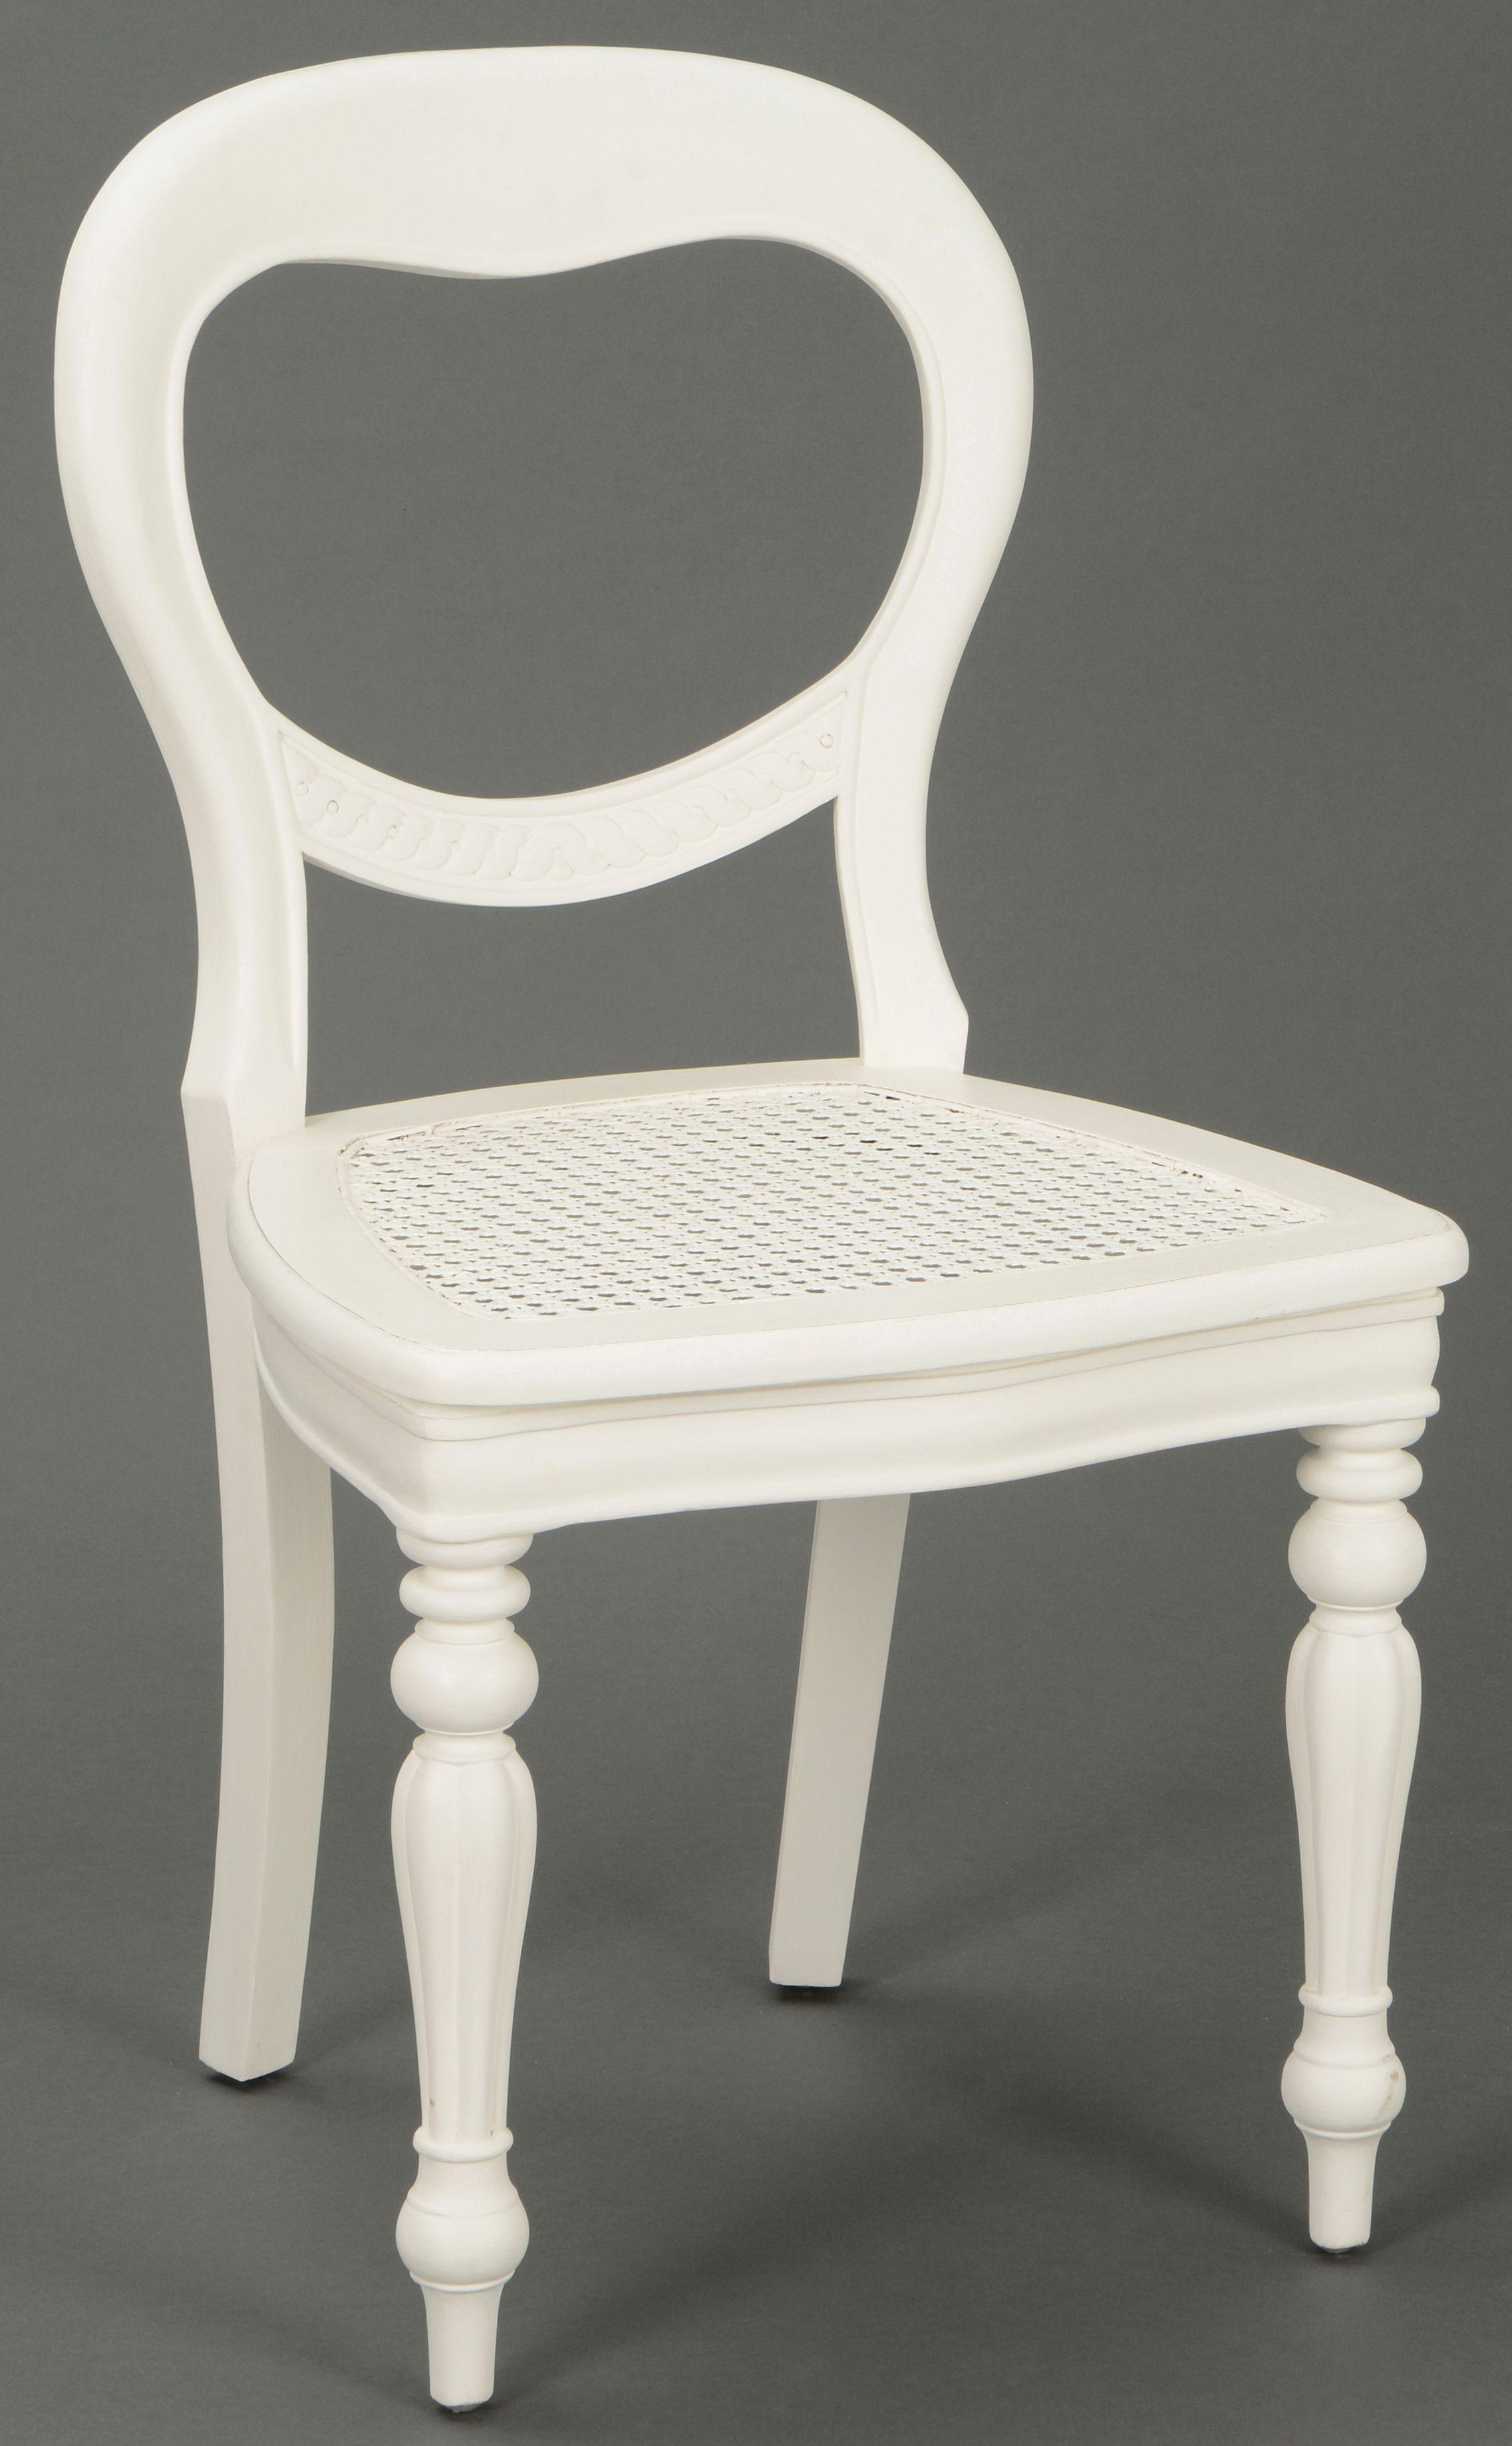 Chaise Cannee Classique Chic Agathe L 52 X P 55 X H 91 Blanc Antique Amadeus Infos Et Dimensions Longueur 52 Cm Chaise Cannee Chaise Table Blanche Et Bois